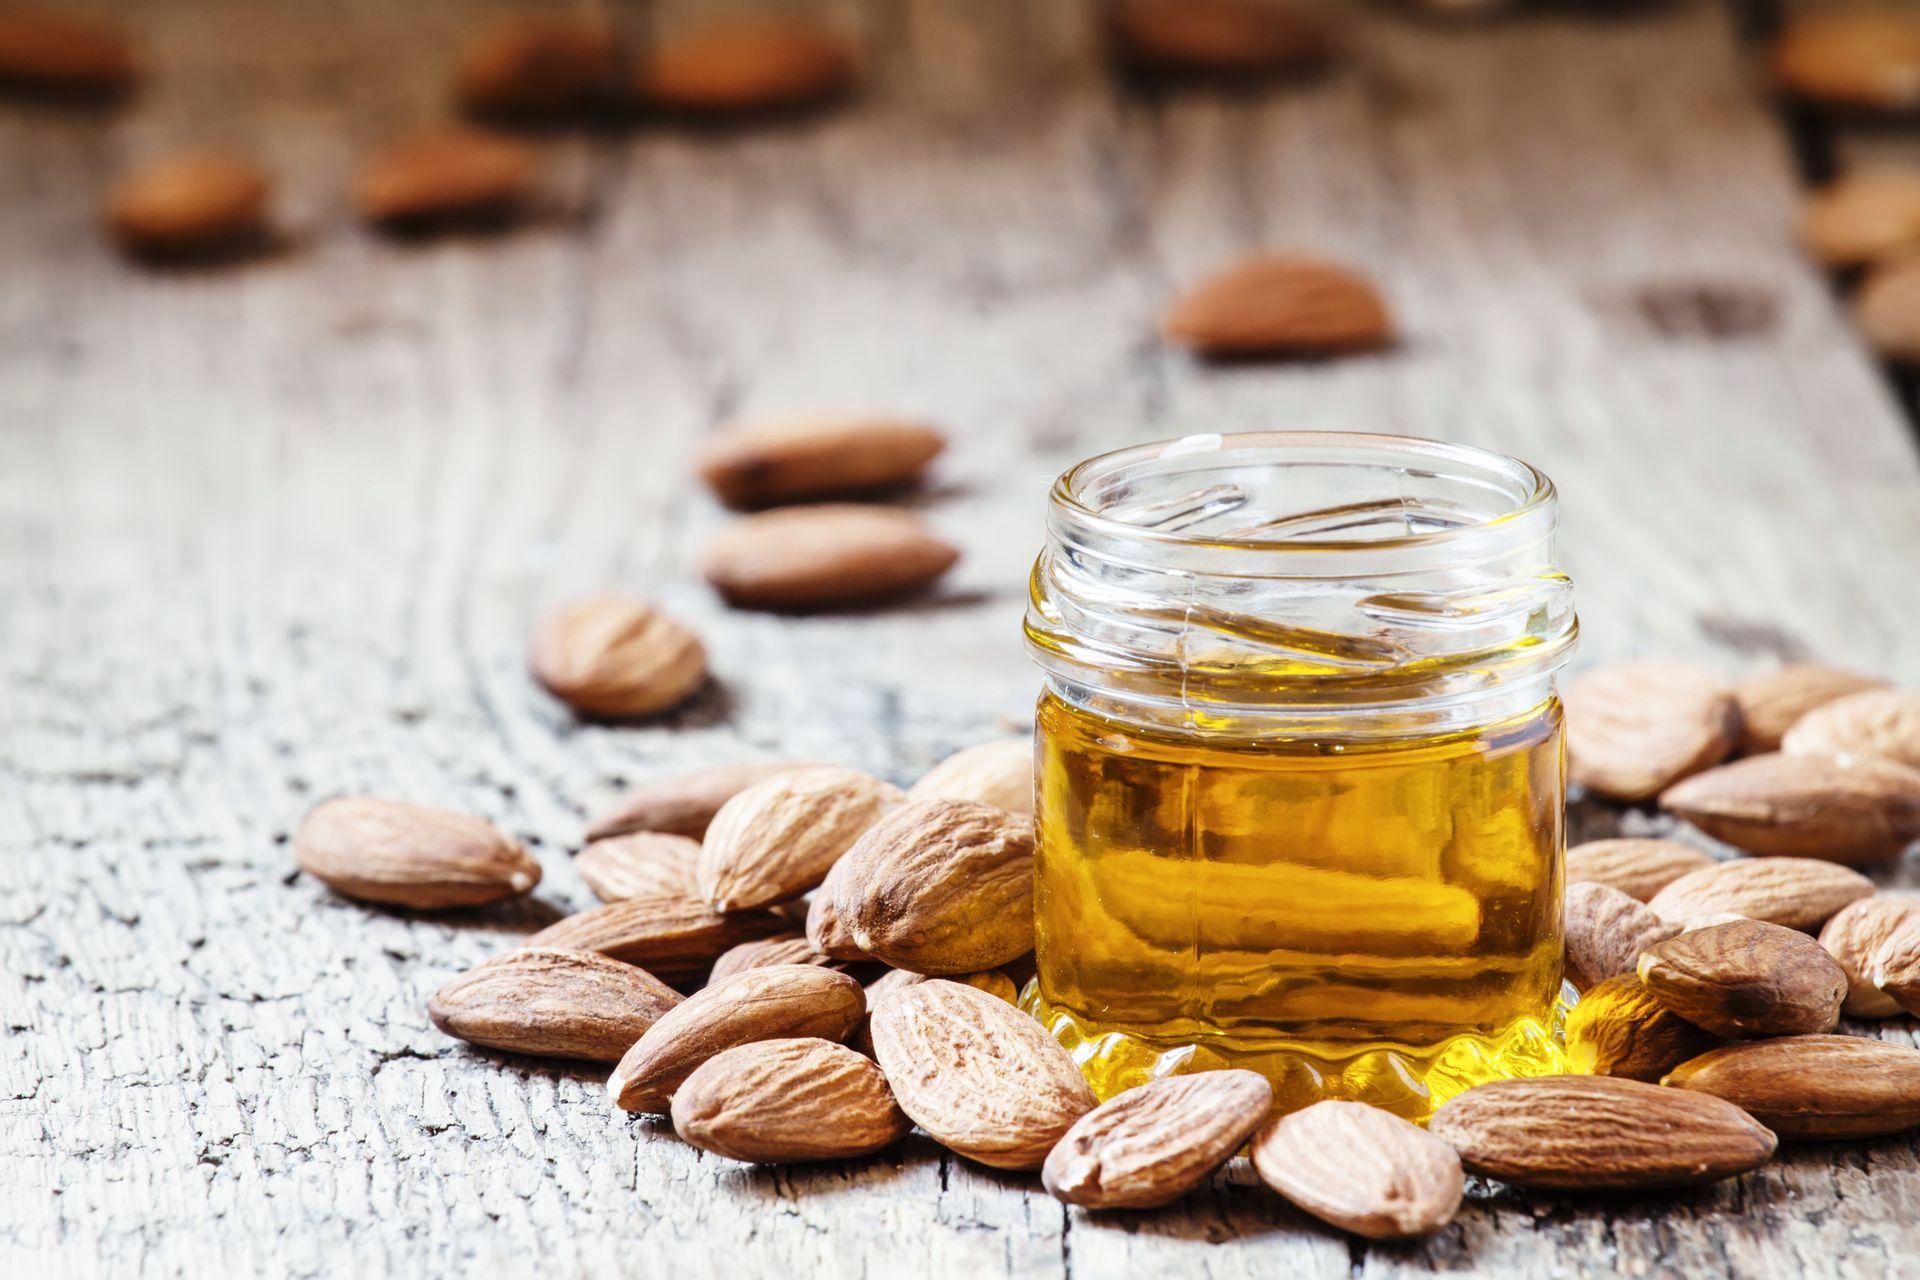 Les bienfaits de l'huile d'amande douce pour la santé